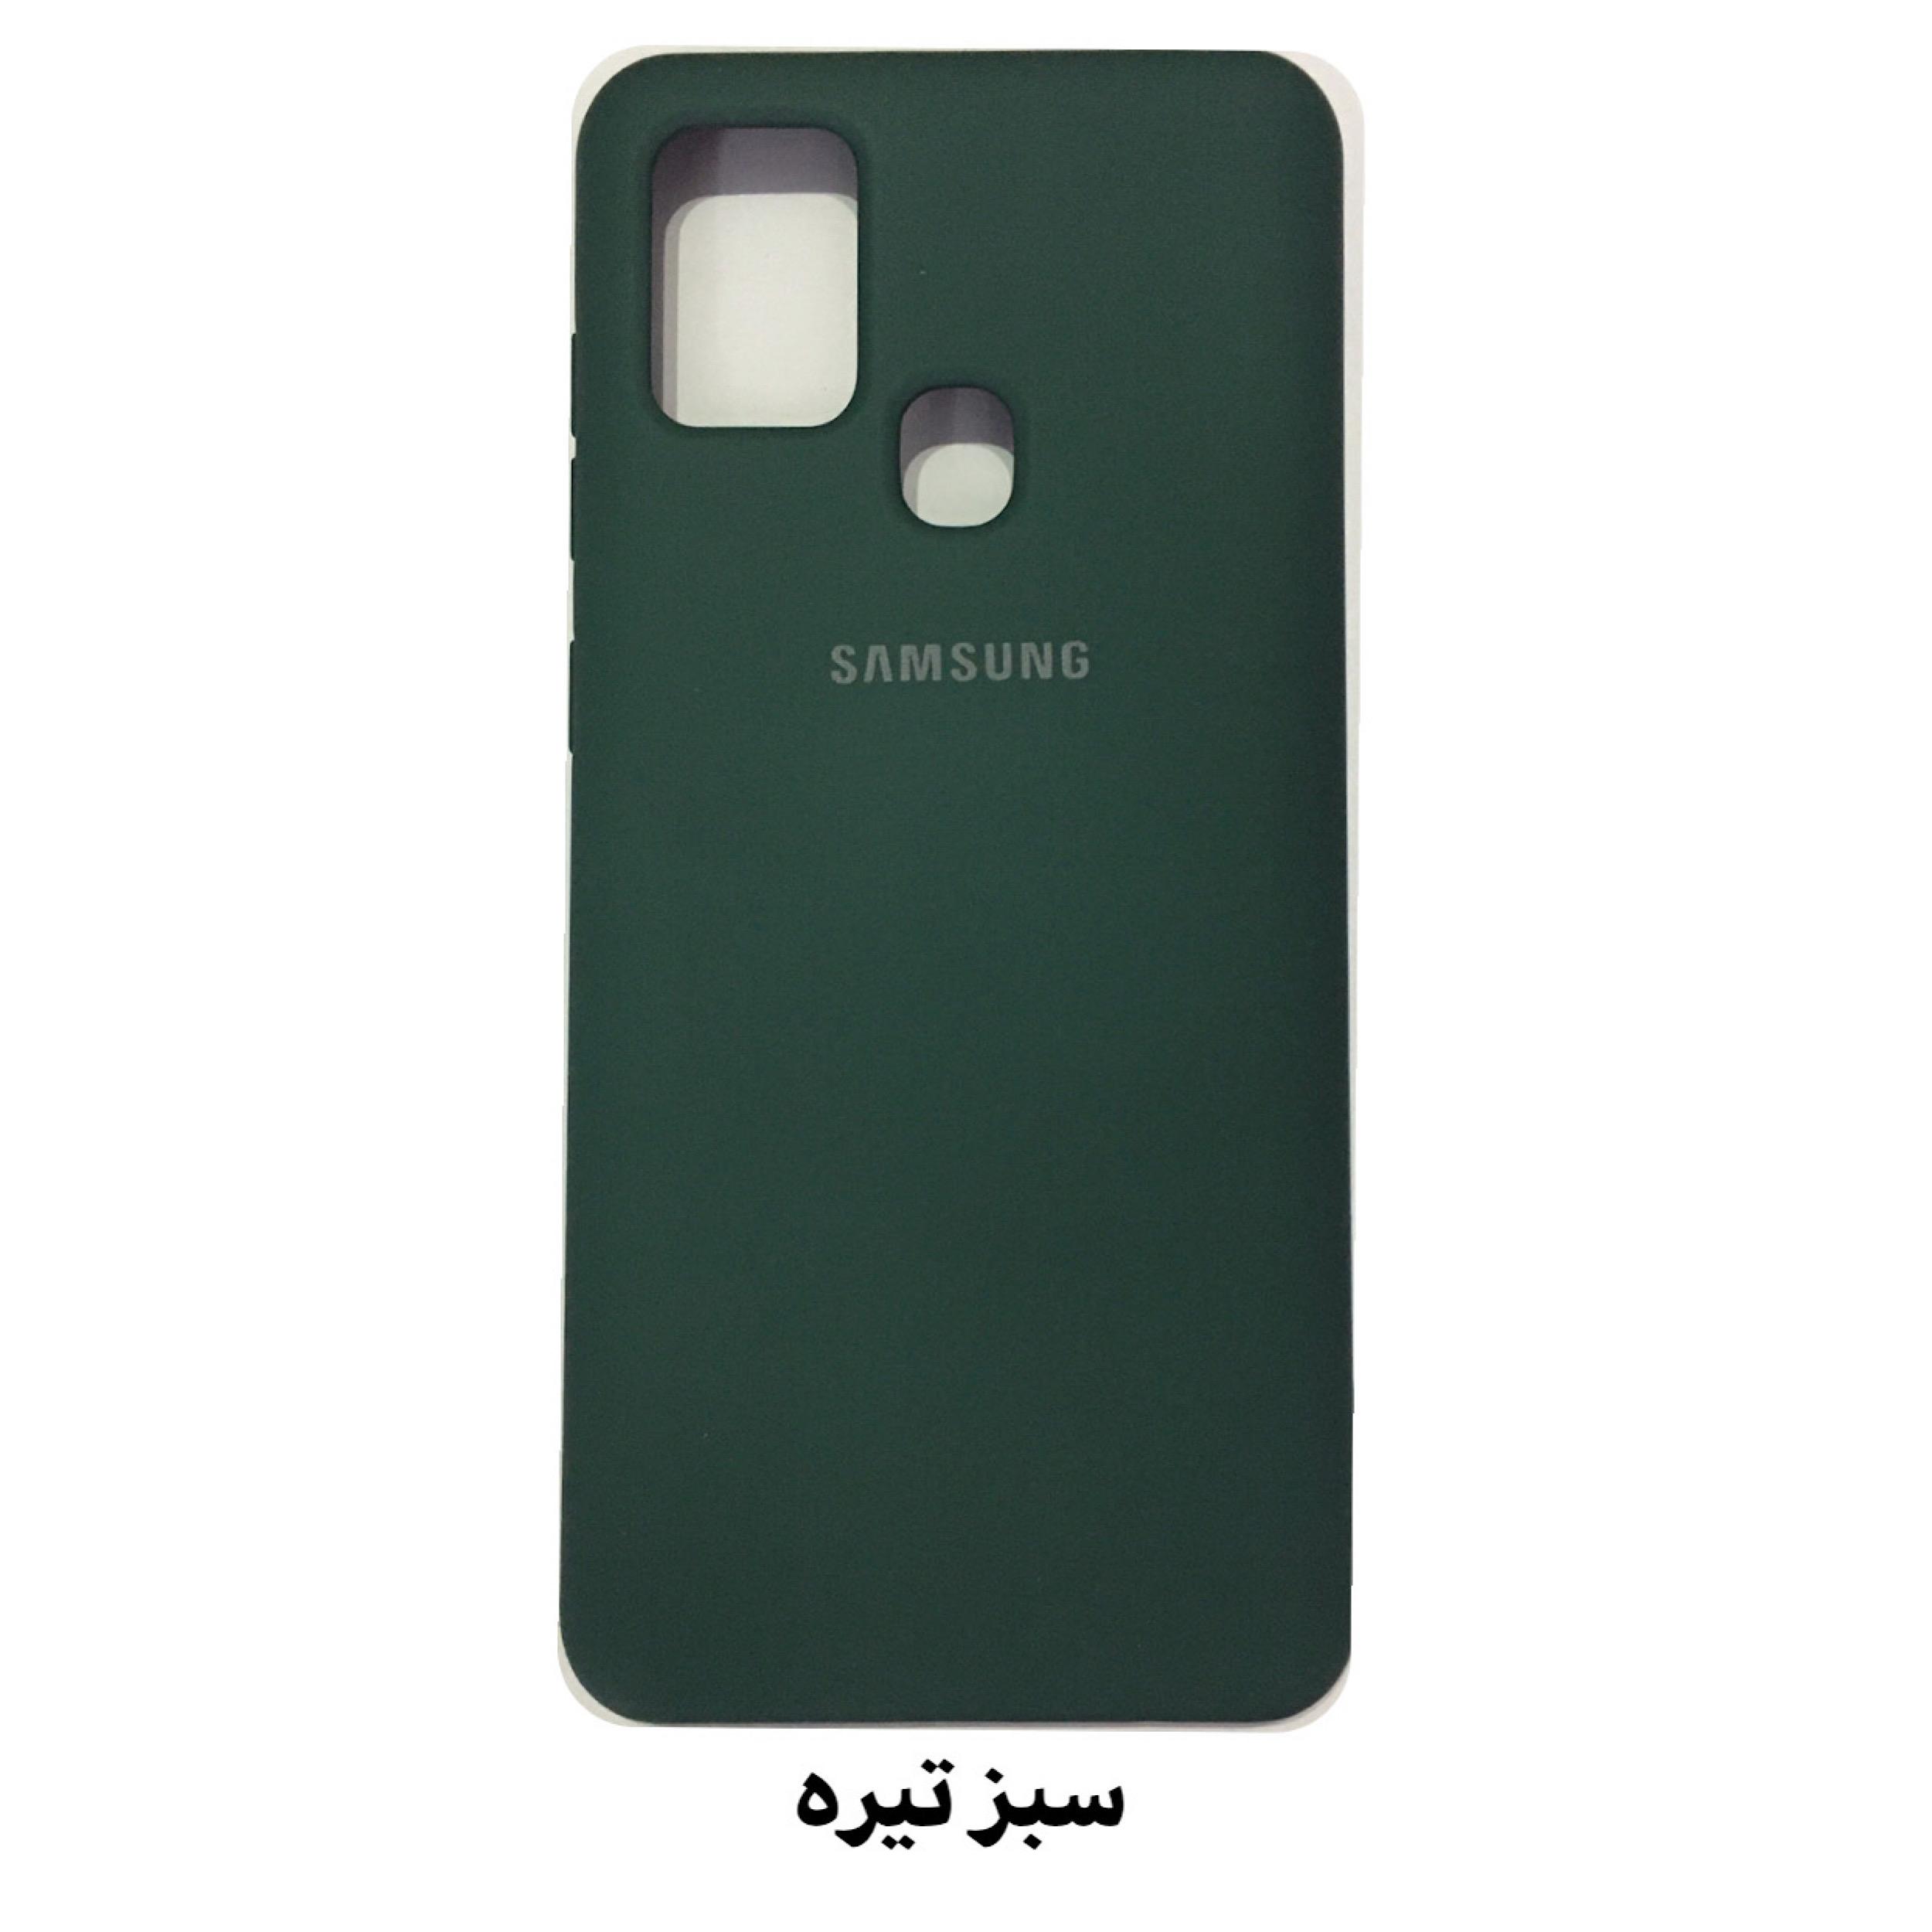 کاور مدل Sil-0021s مناسب برای گوشی موبایل سامسونگ Galaxy A21s                     غیر اصل